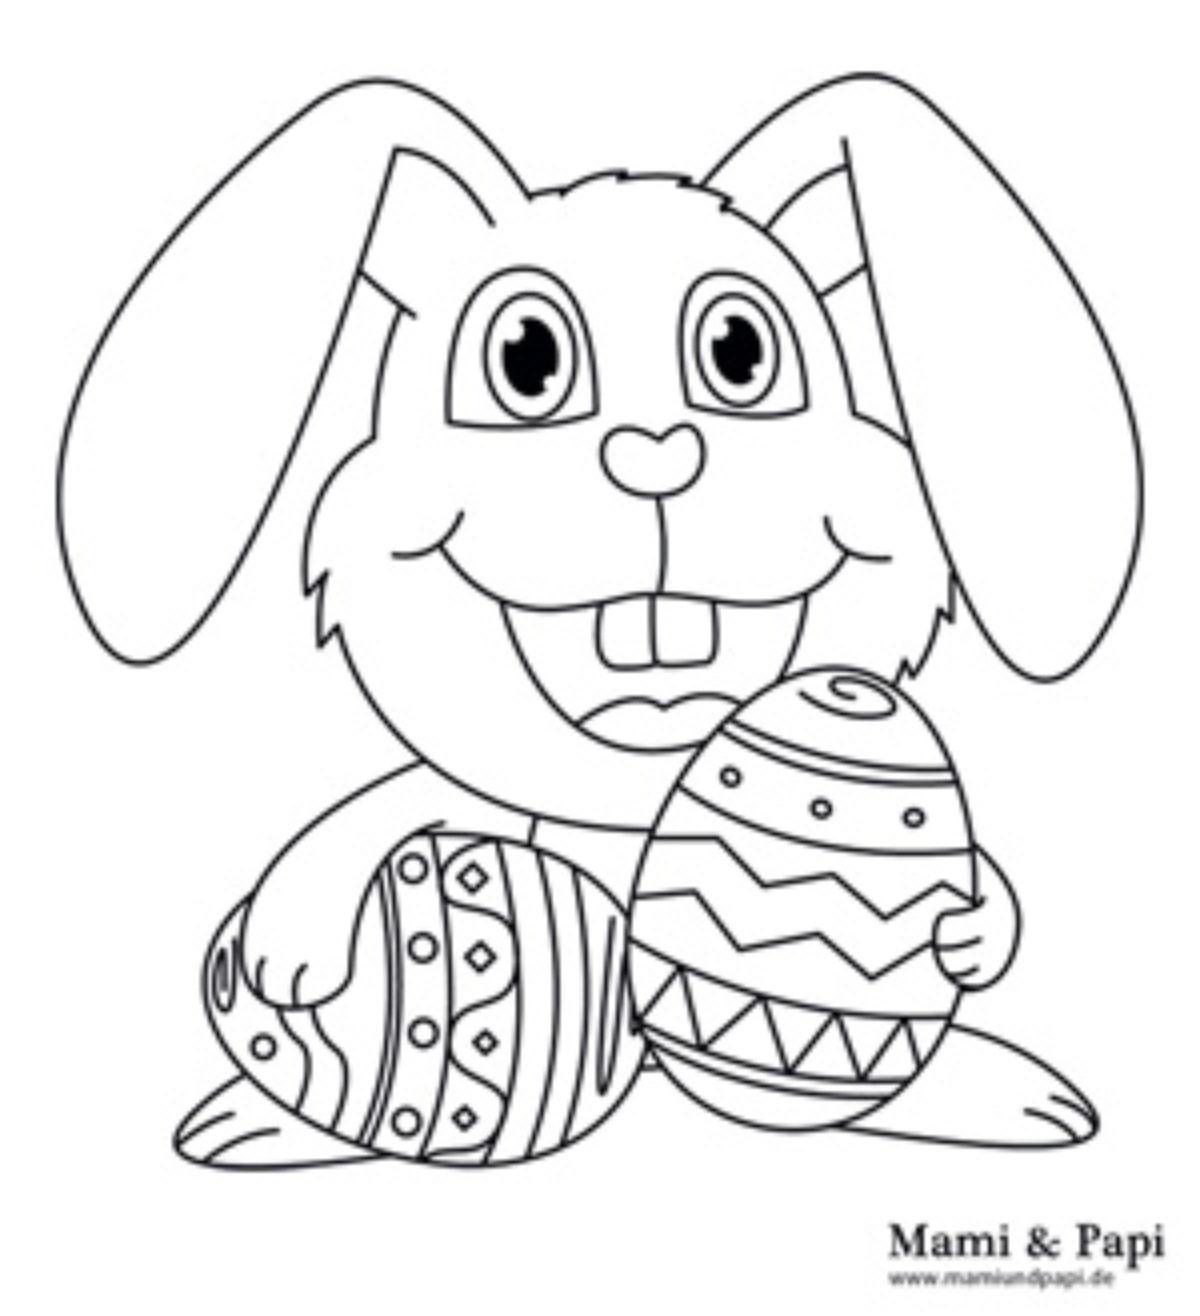 Malvorlage Osterhase | Mami & Papi mit Osterhase Malvorlage